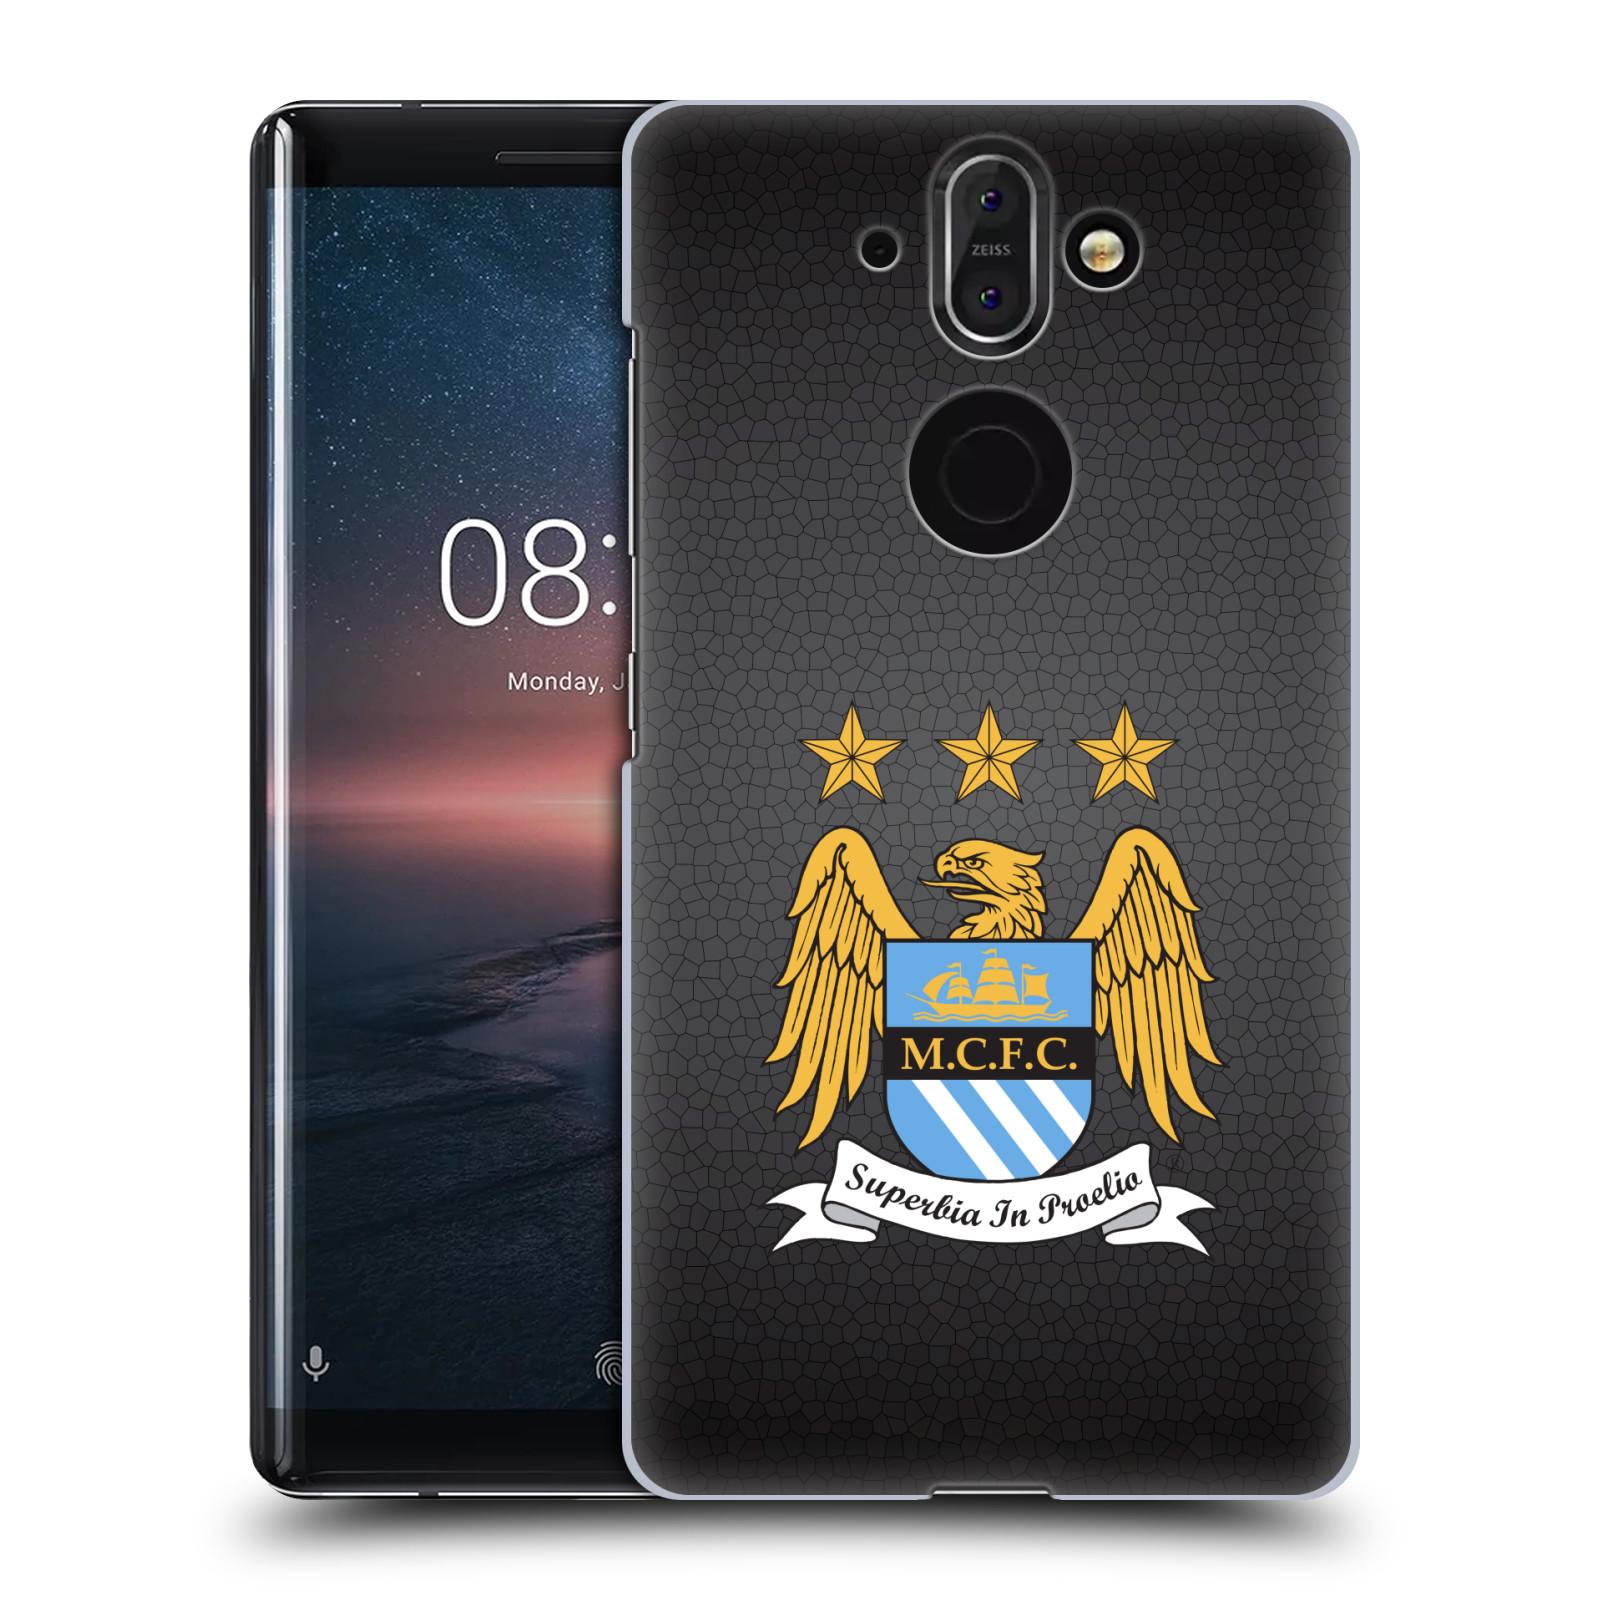 Plastové pouzdro na mobil Nokia 8 Sirocco - Head Case - Manchester City FC - Superbia In Proelio